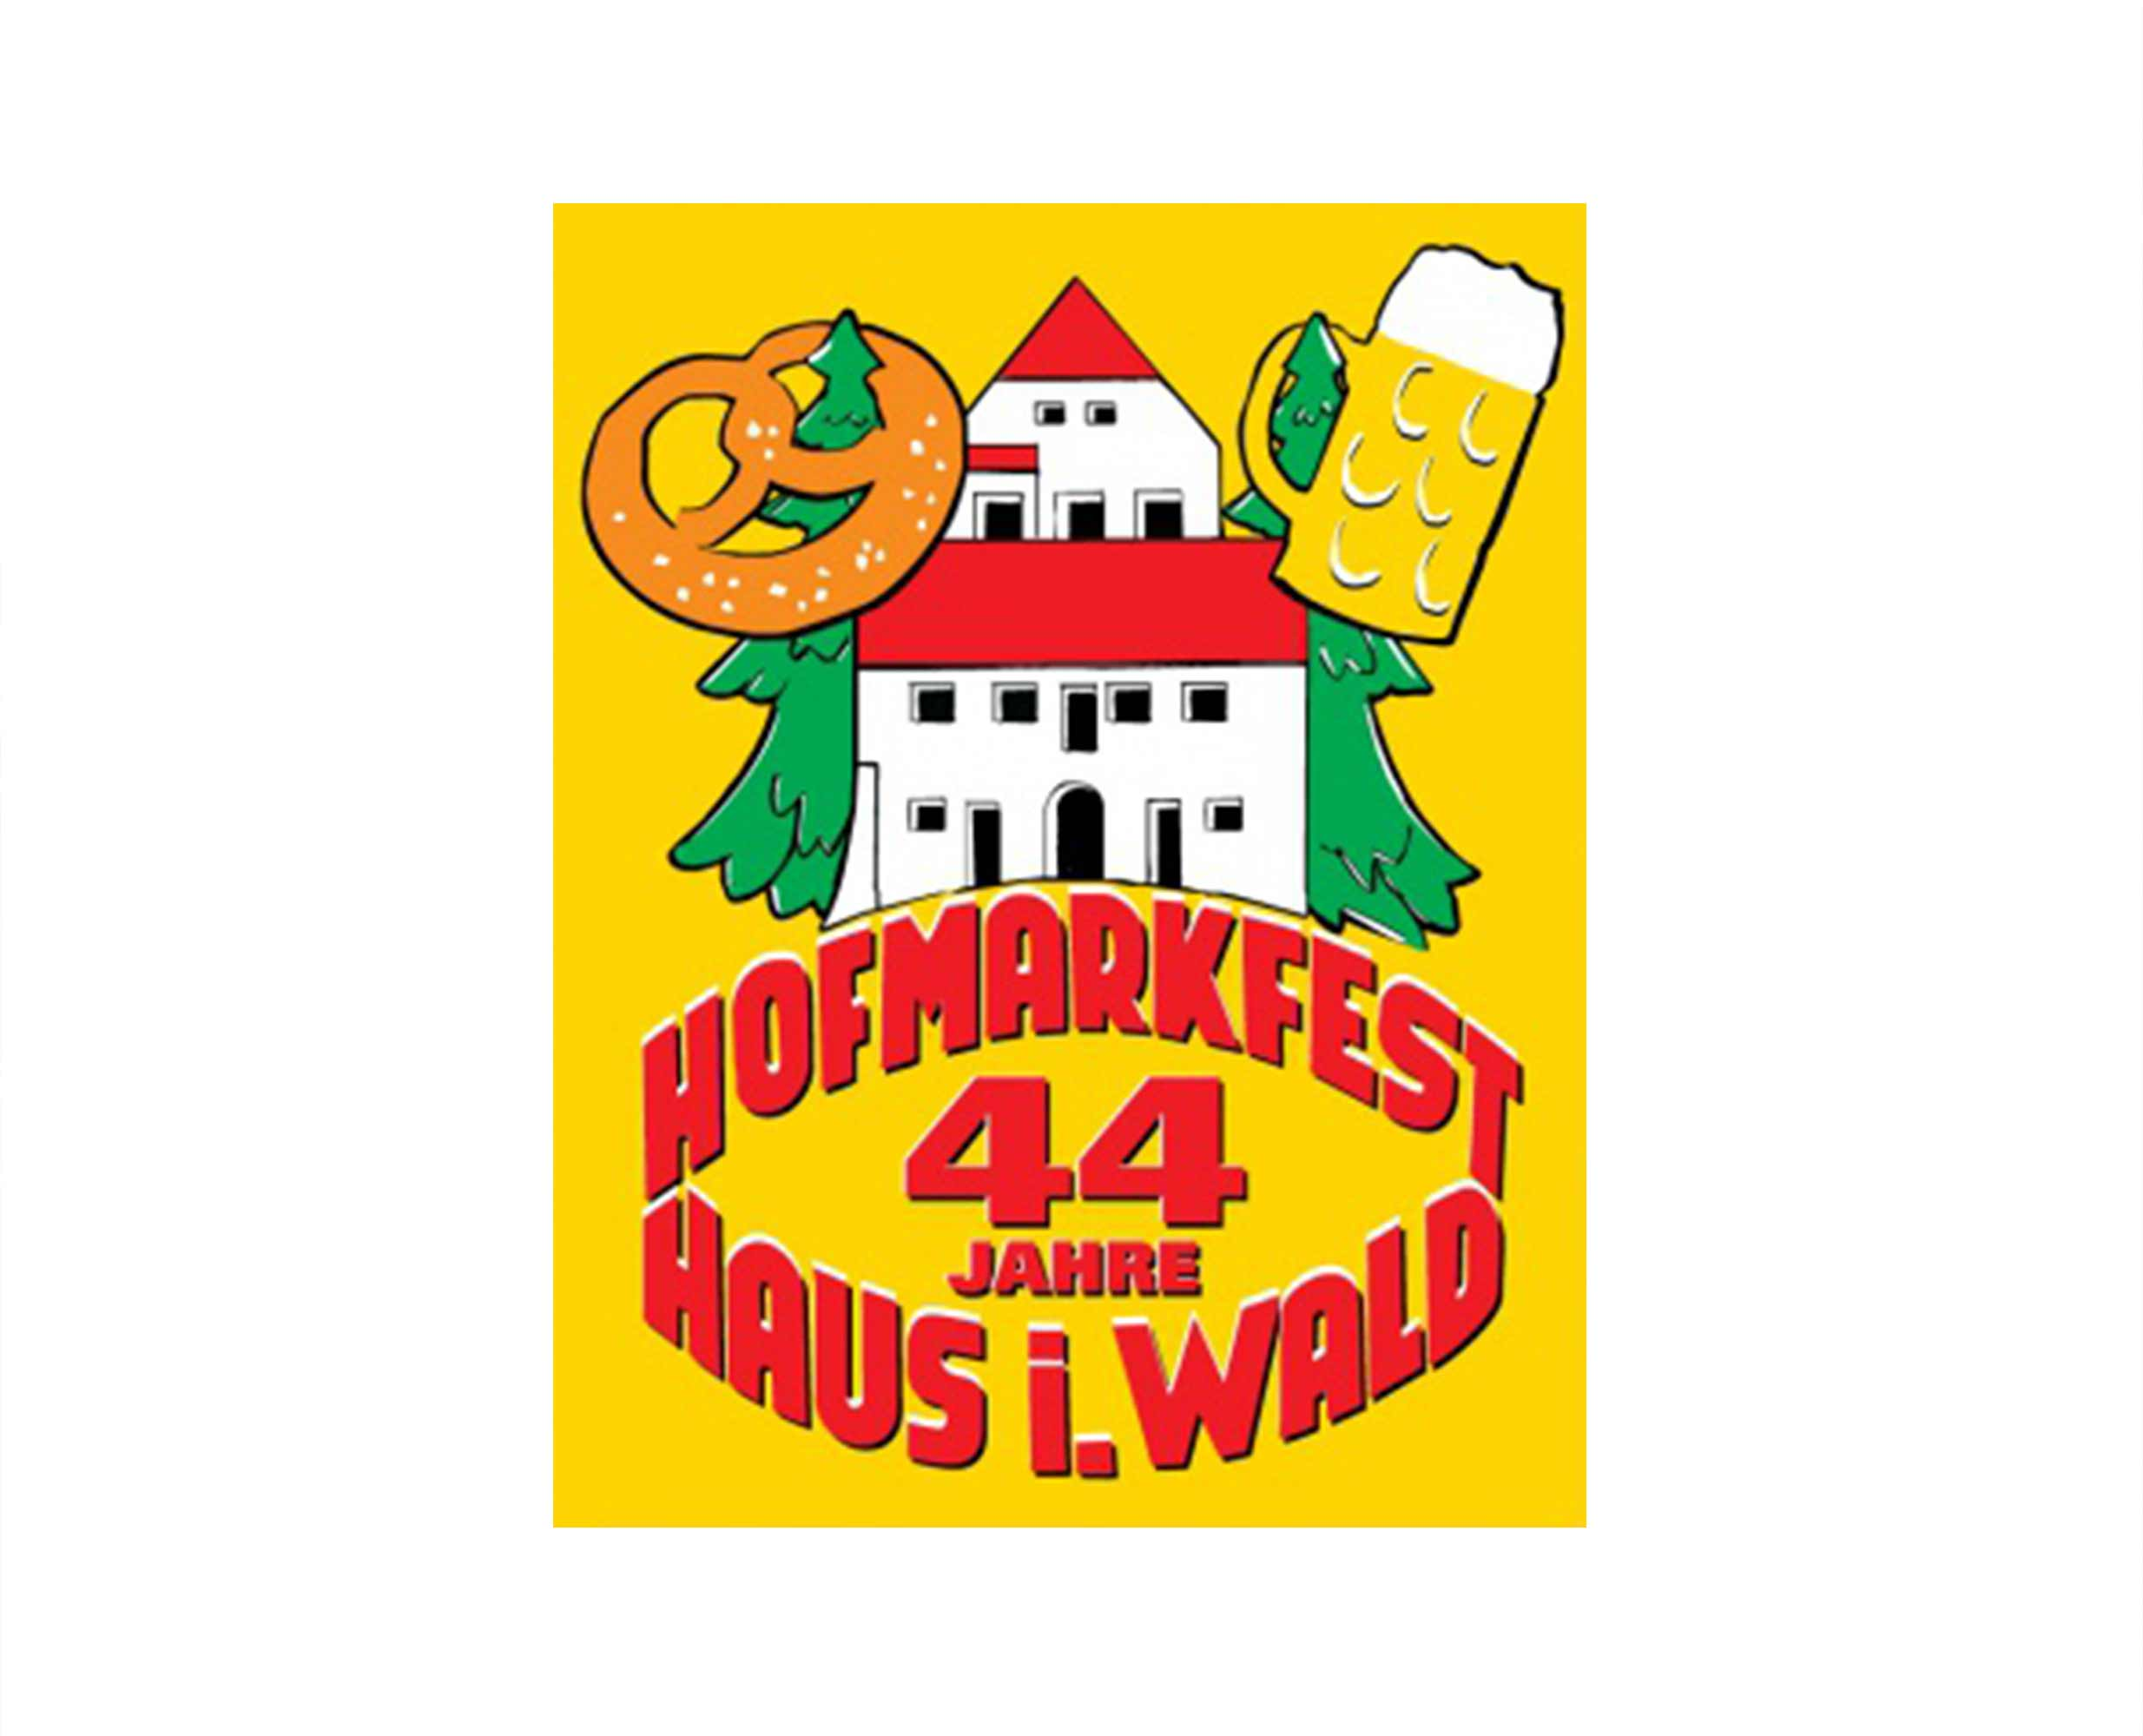 Sponsoring Hofmarkfest Haus i. Wald | Wensauer Com-Systeme GmbH